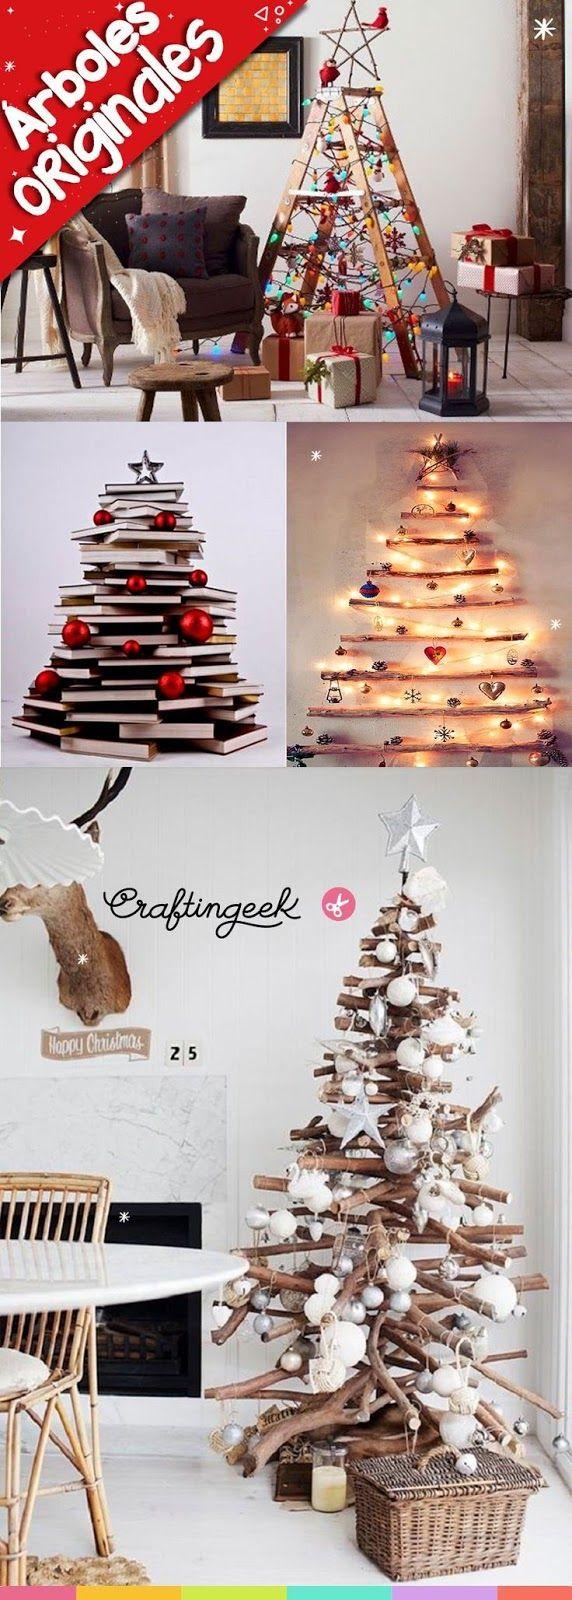 Como Hacer Originales Y Creativos Arboles De Navidad Para Decorar Toda Tu Casa Hacer Arbol De Navidad Arbol De Navidad Original Arboles De Navidad Creativos